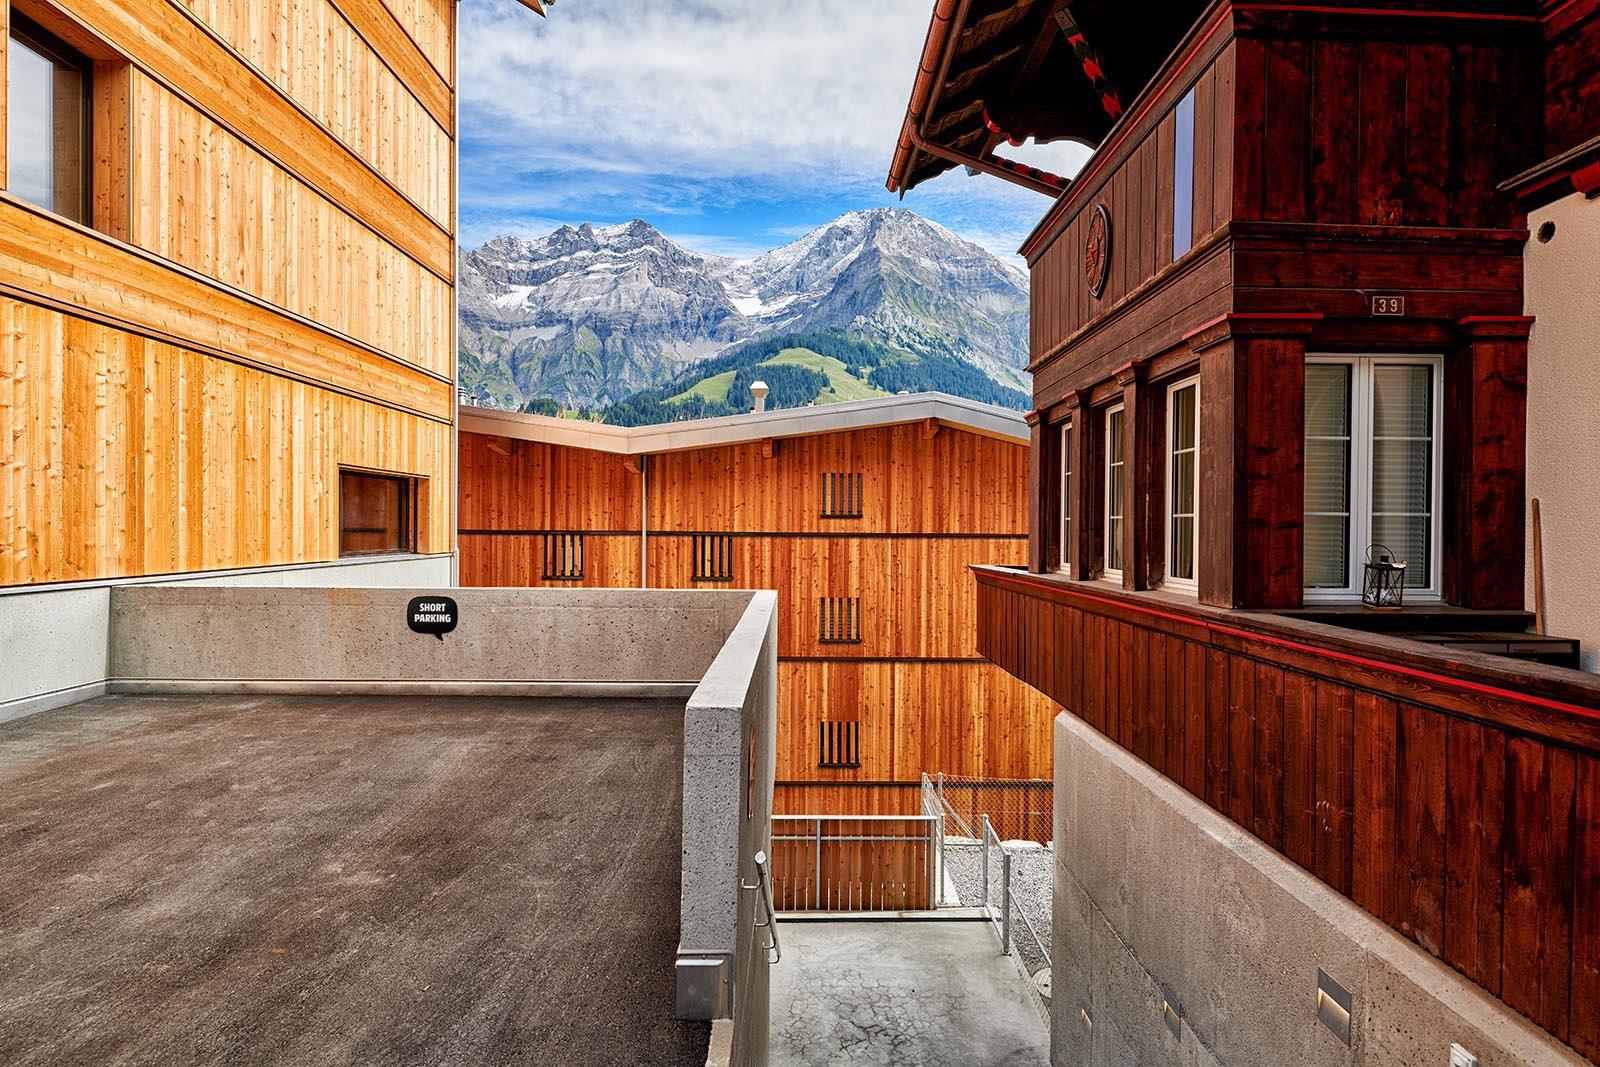 Hotel_Revier_Adelboden_19.jpg